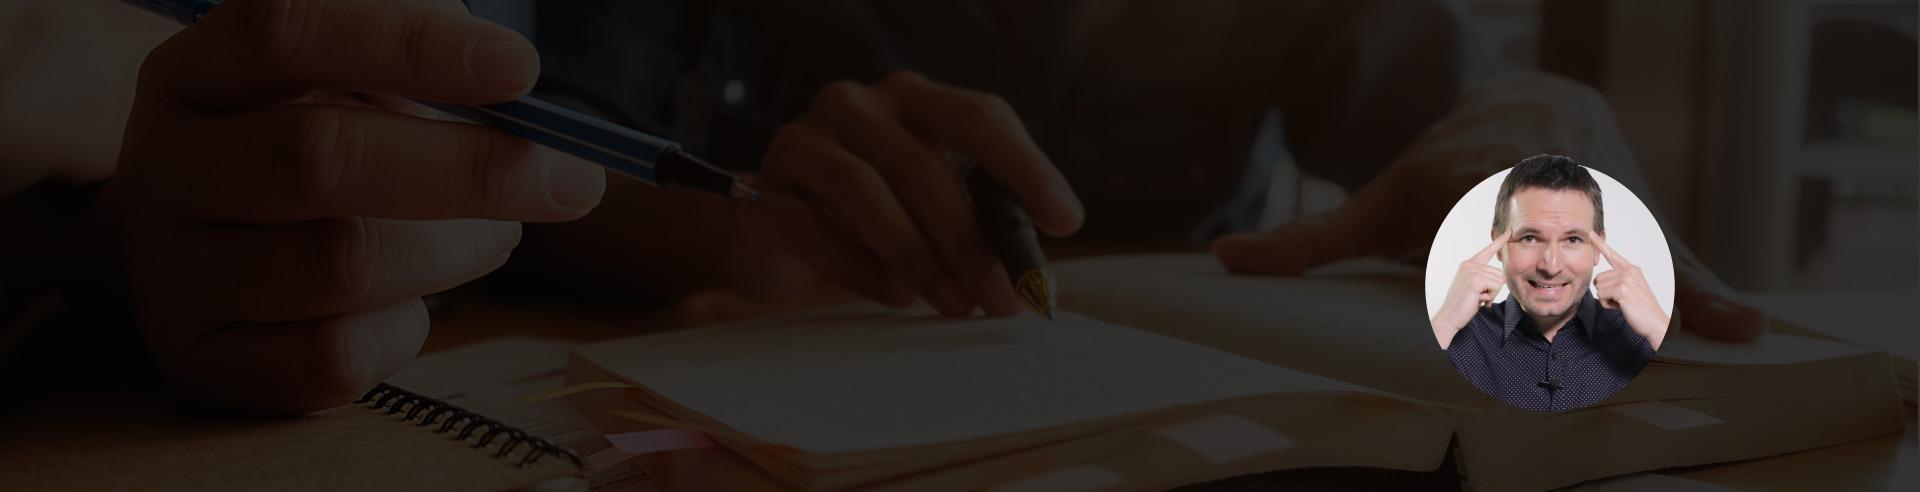 4 sencillas técnicas de memorización para estudiar